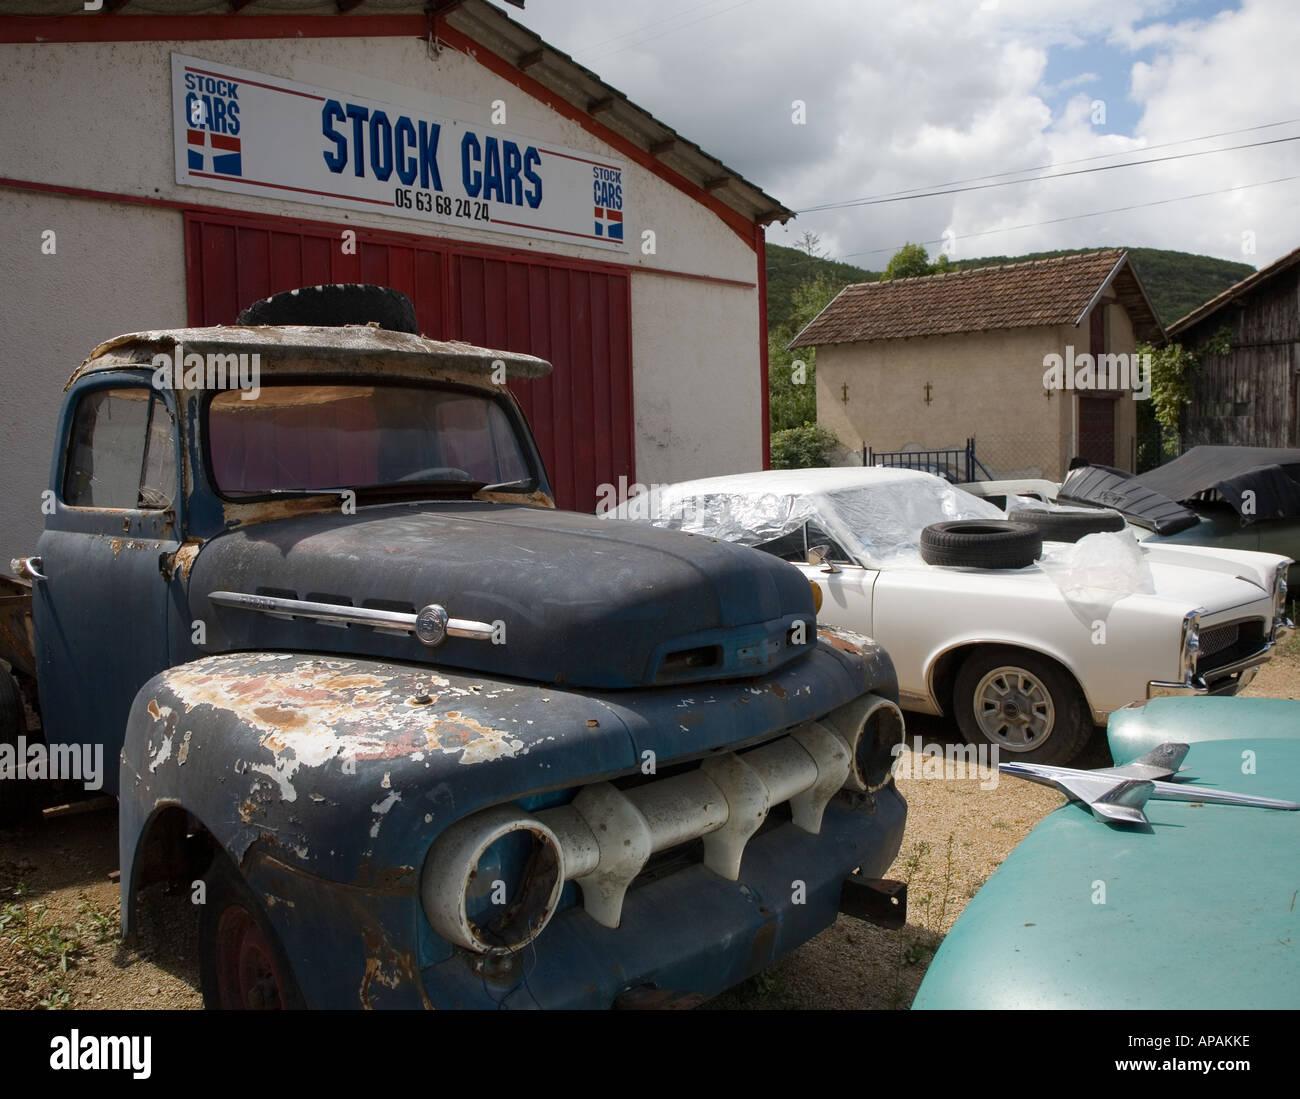 Rusty Ford Stock Car Scrap Yard USA & Rusty Ford Stock Car Scrap Yard USA Stock Photo Royalty Free ... markmcfarlin.com